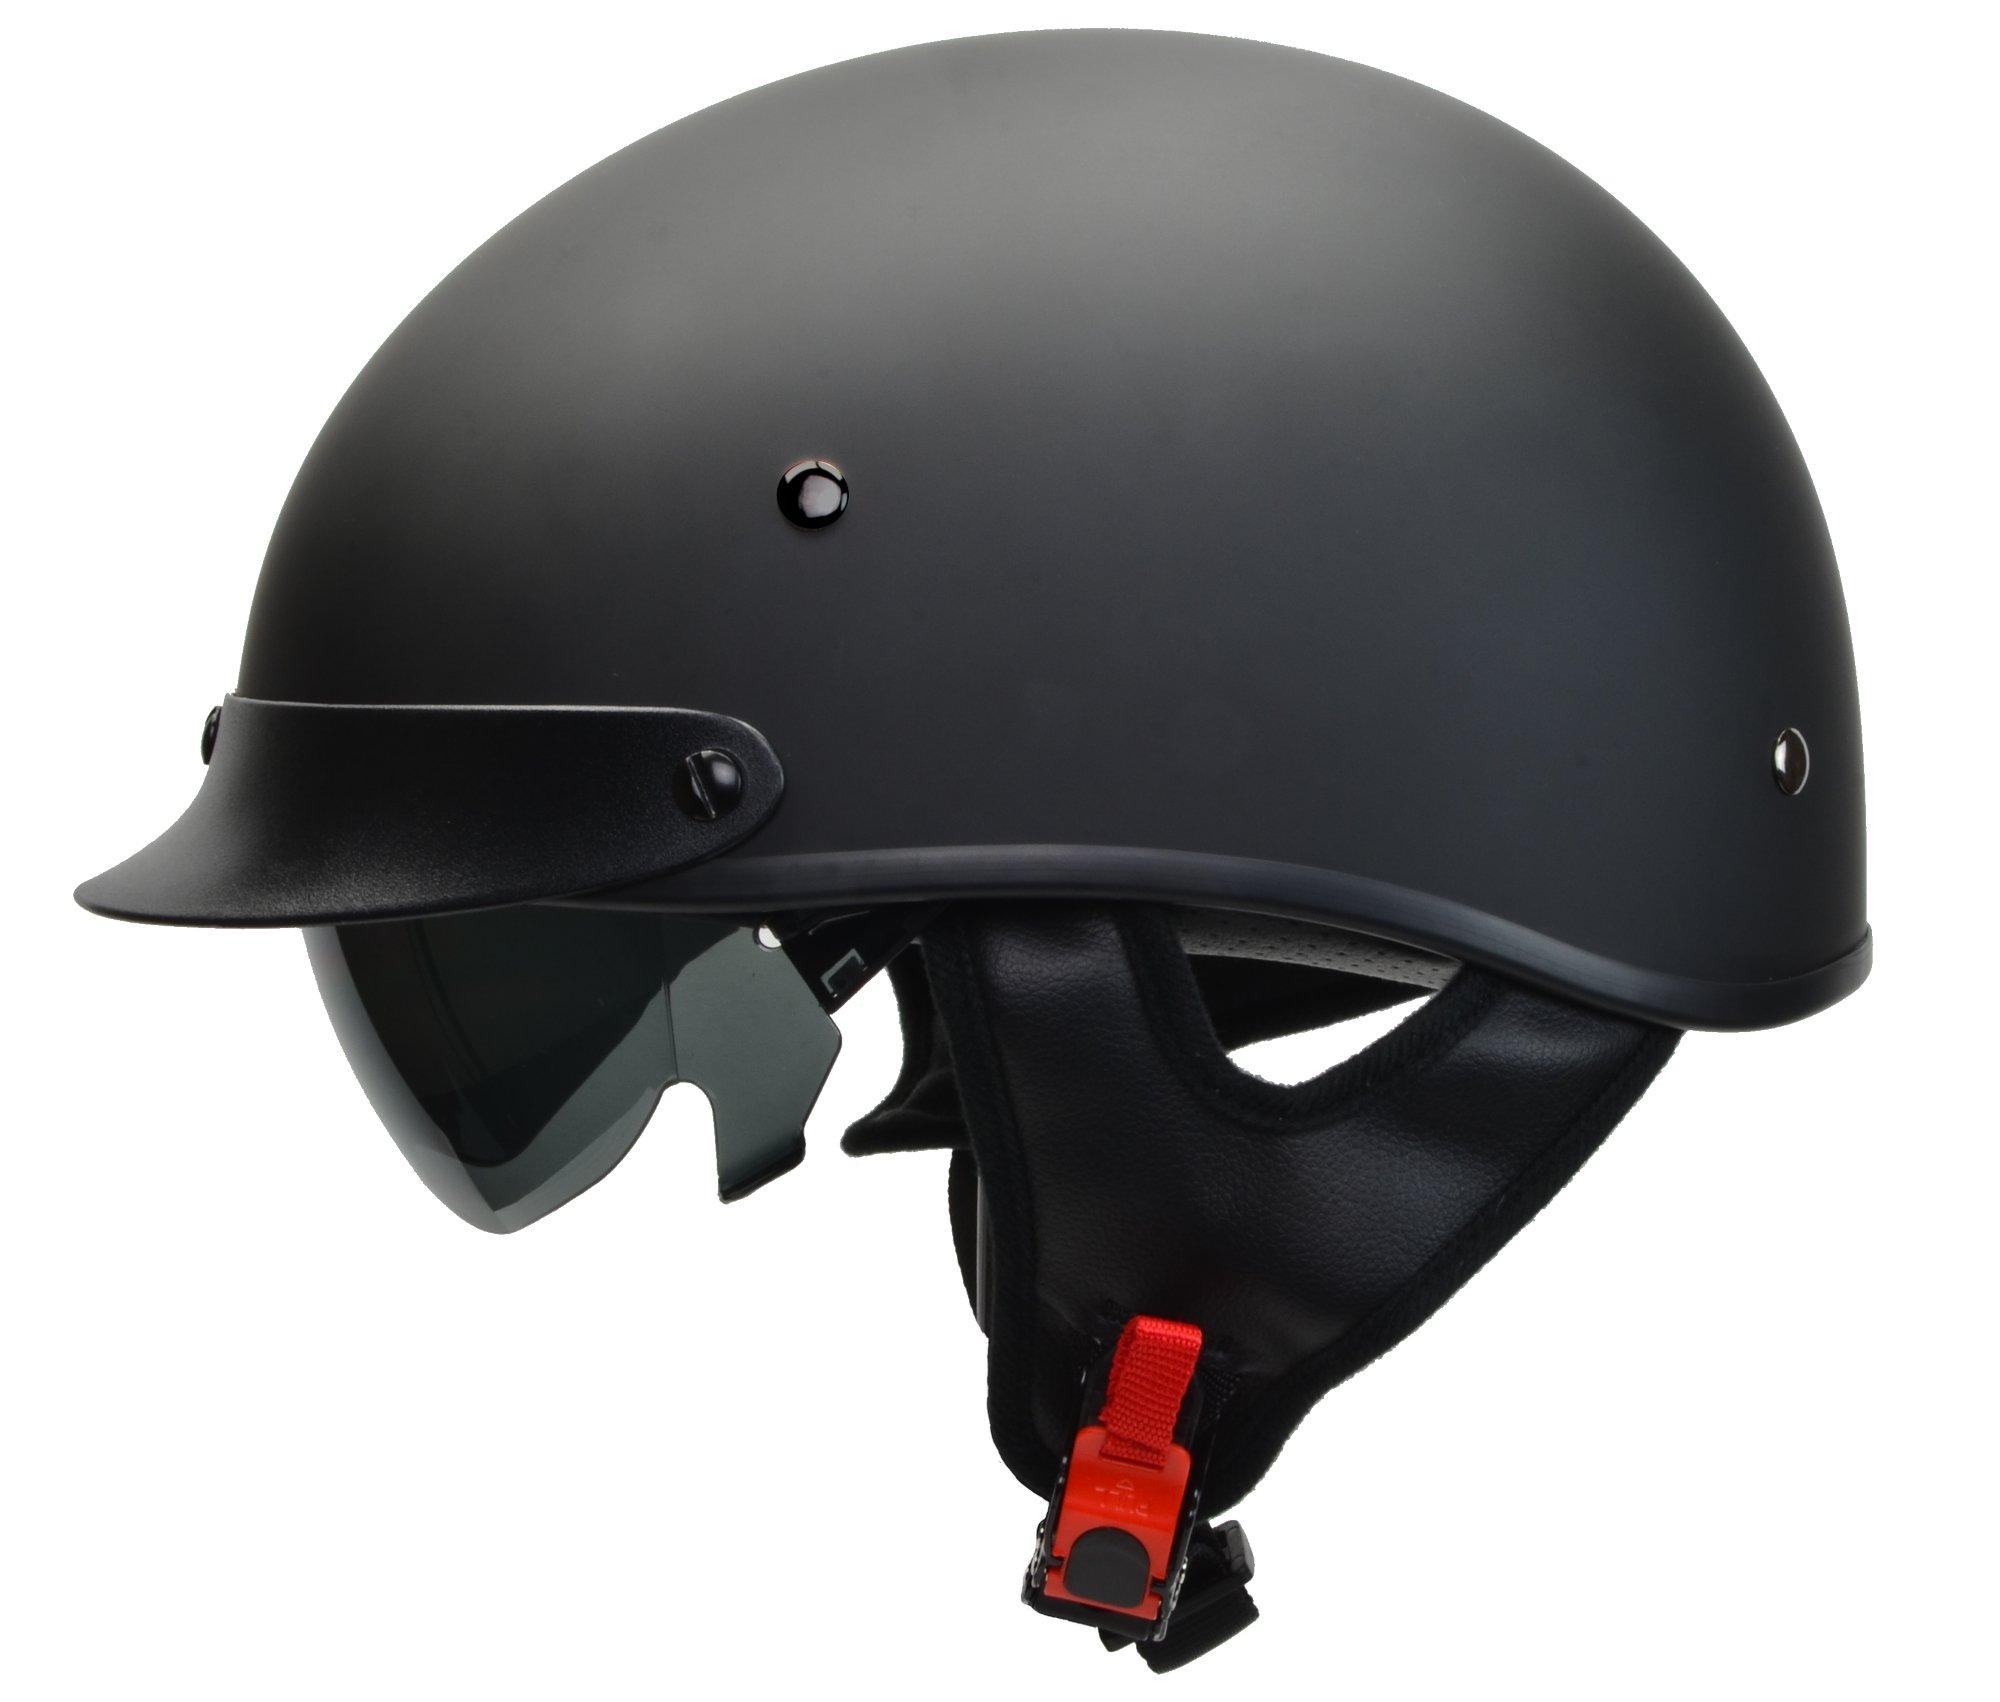 Vega Helmets Warrior Motorcycle Half Helmet with Sunshield for Men & Women, Adjustable Size Dial DOT Half Face Skull Cap for Bike Cruiser Chopper Moped Scooter ATV (Large, Matte Black) by Vega Helmets